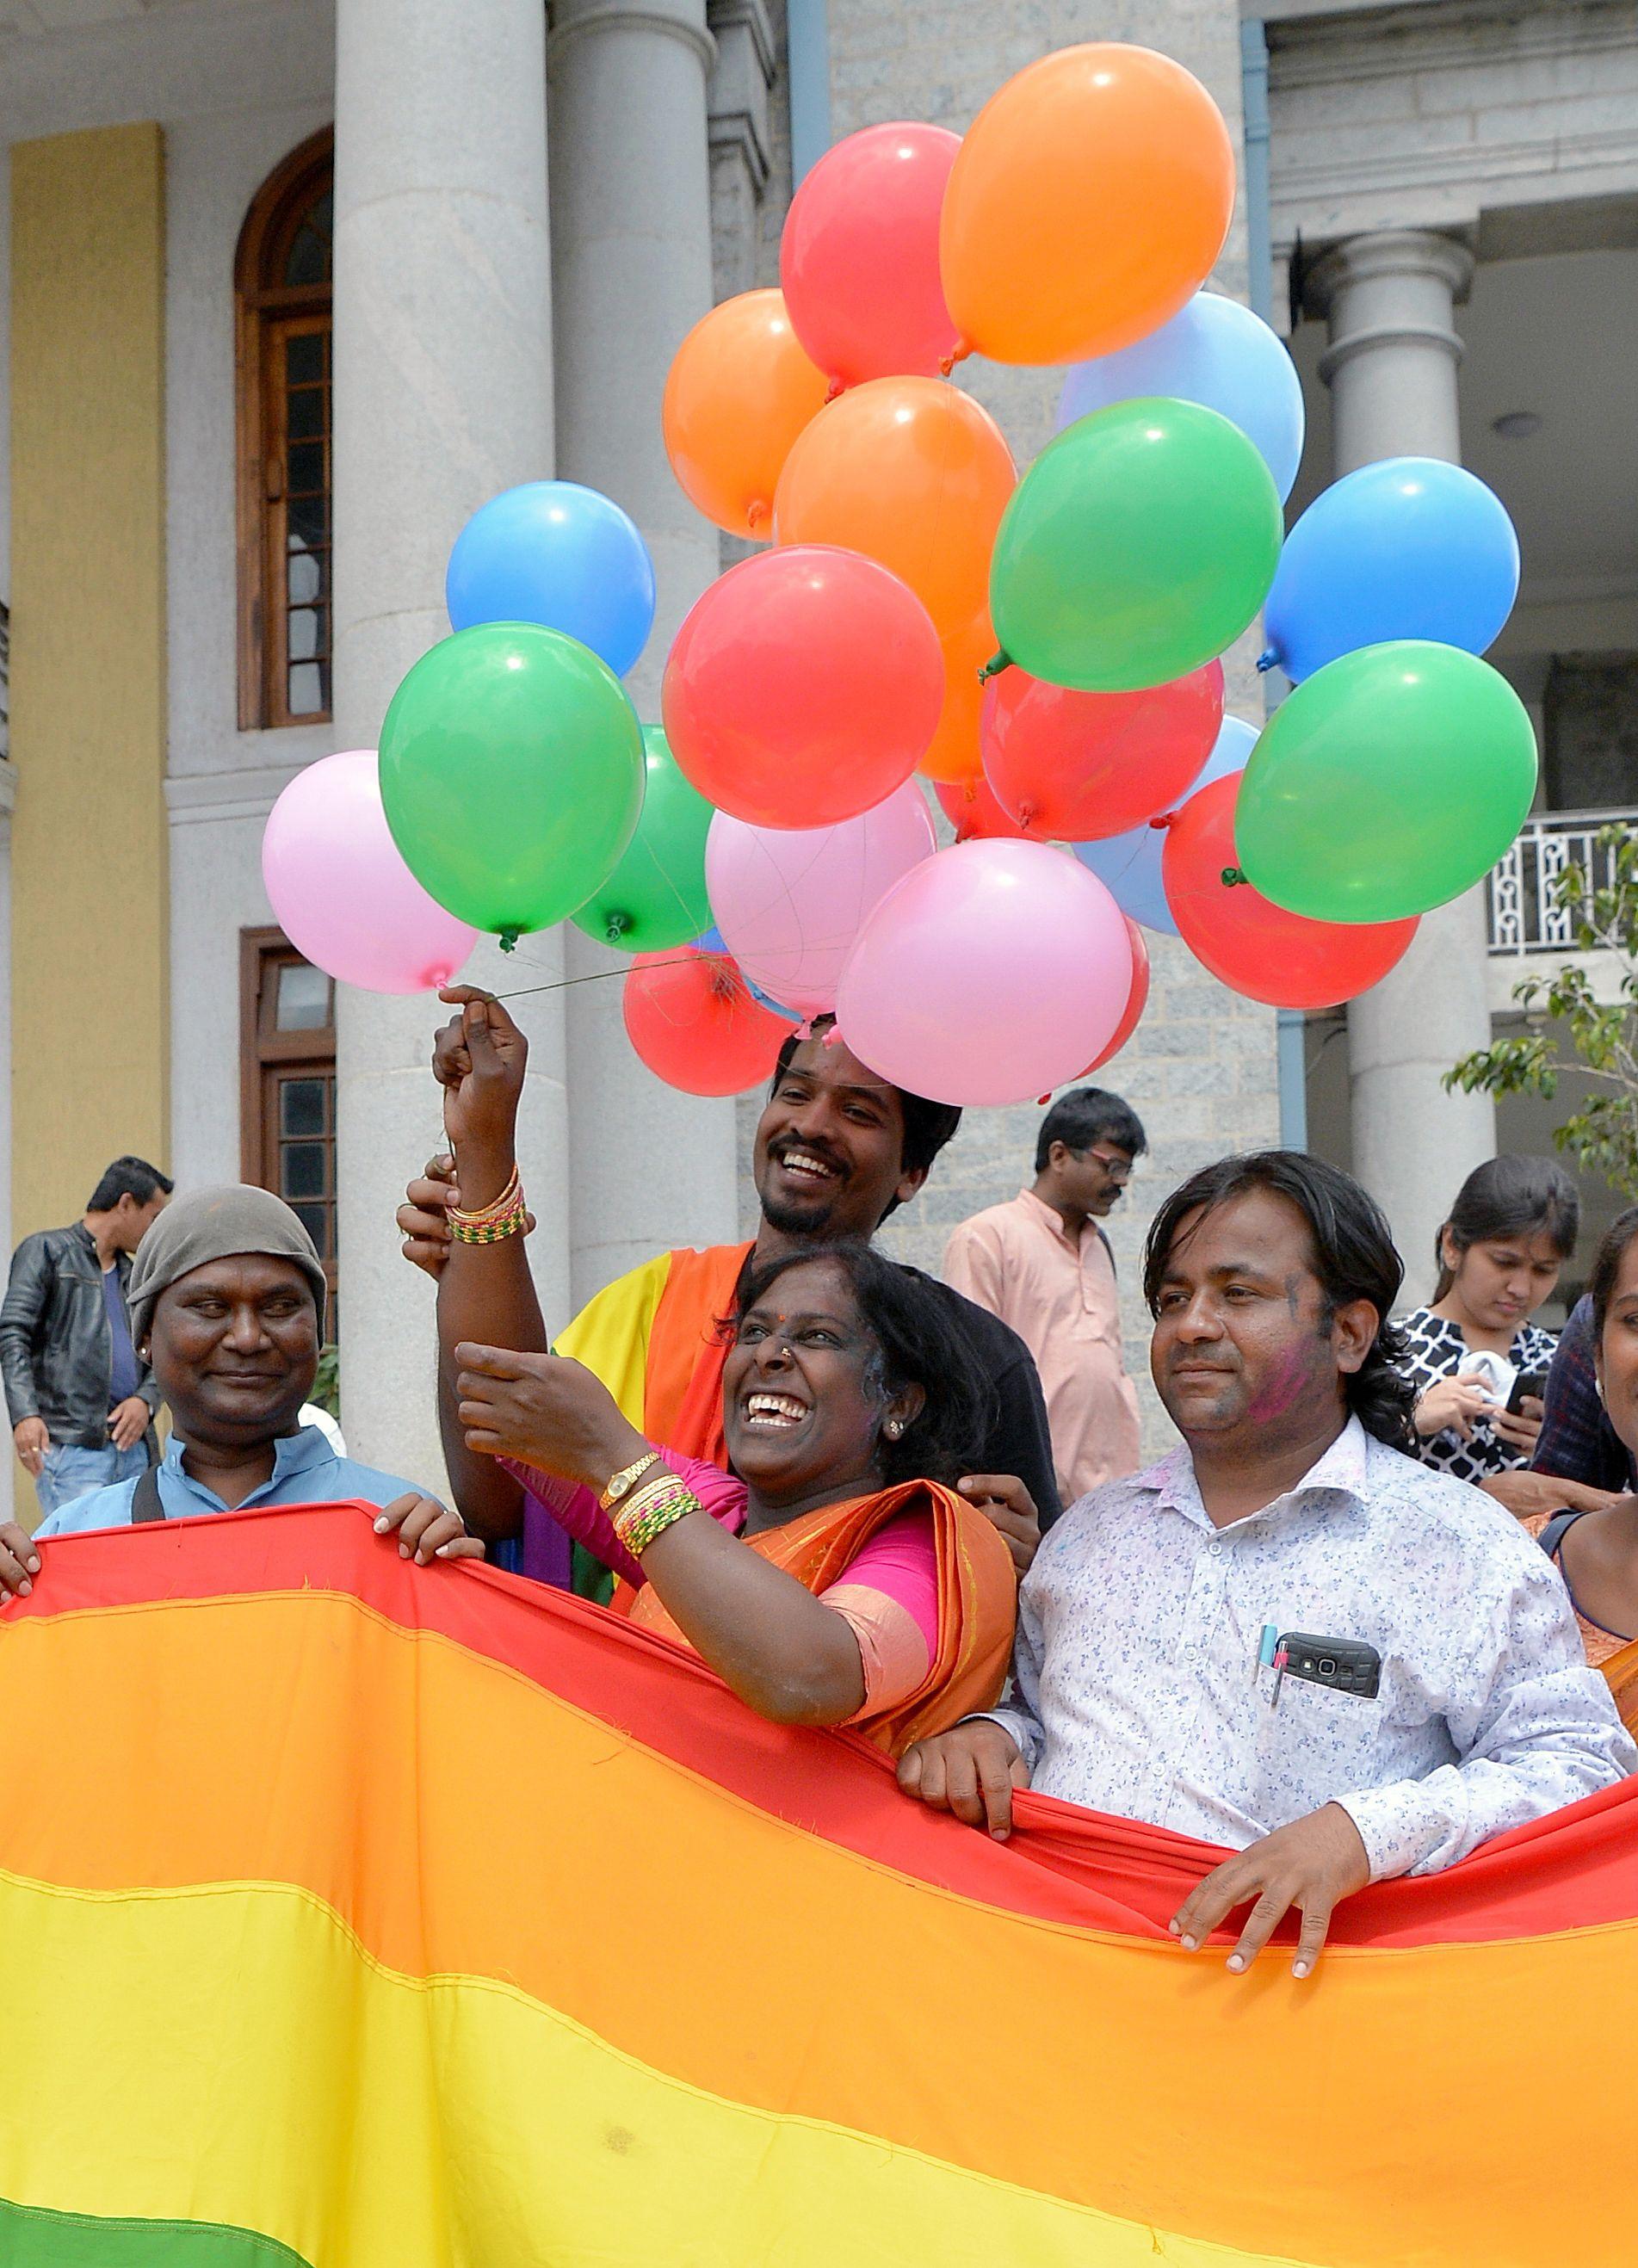 اعلام المثليين وبالونات فى الهند اثناء الاحتفالات